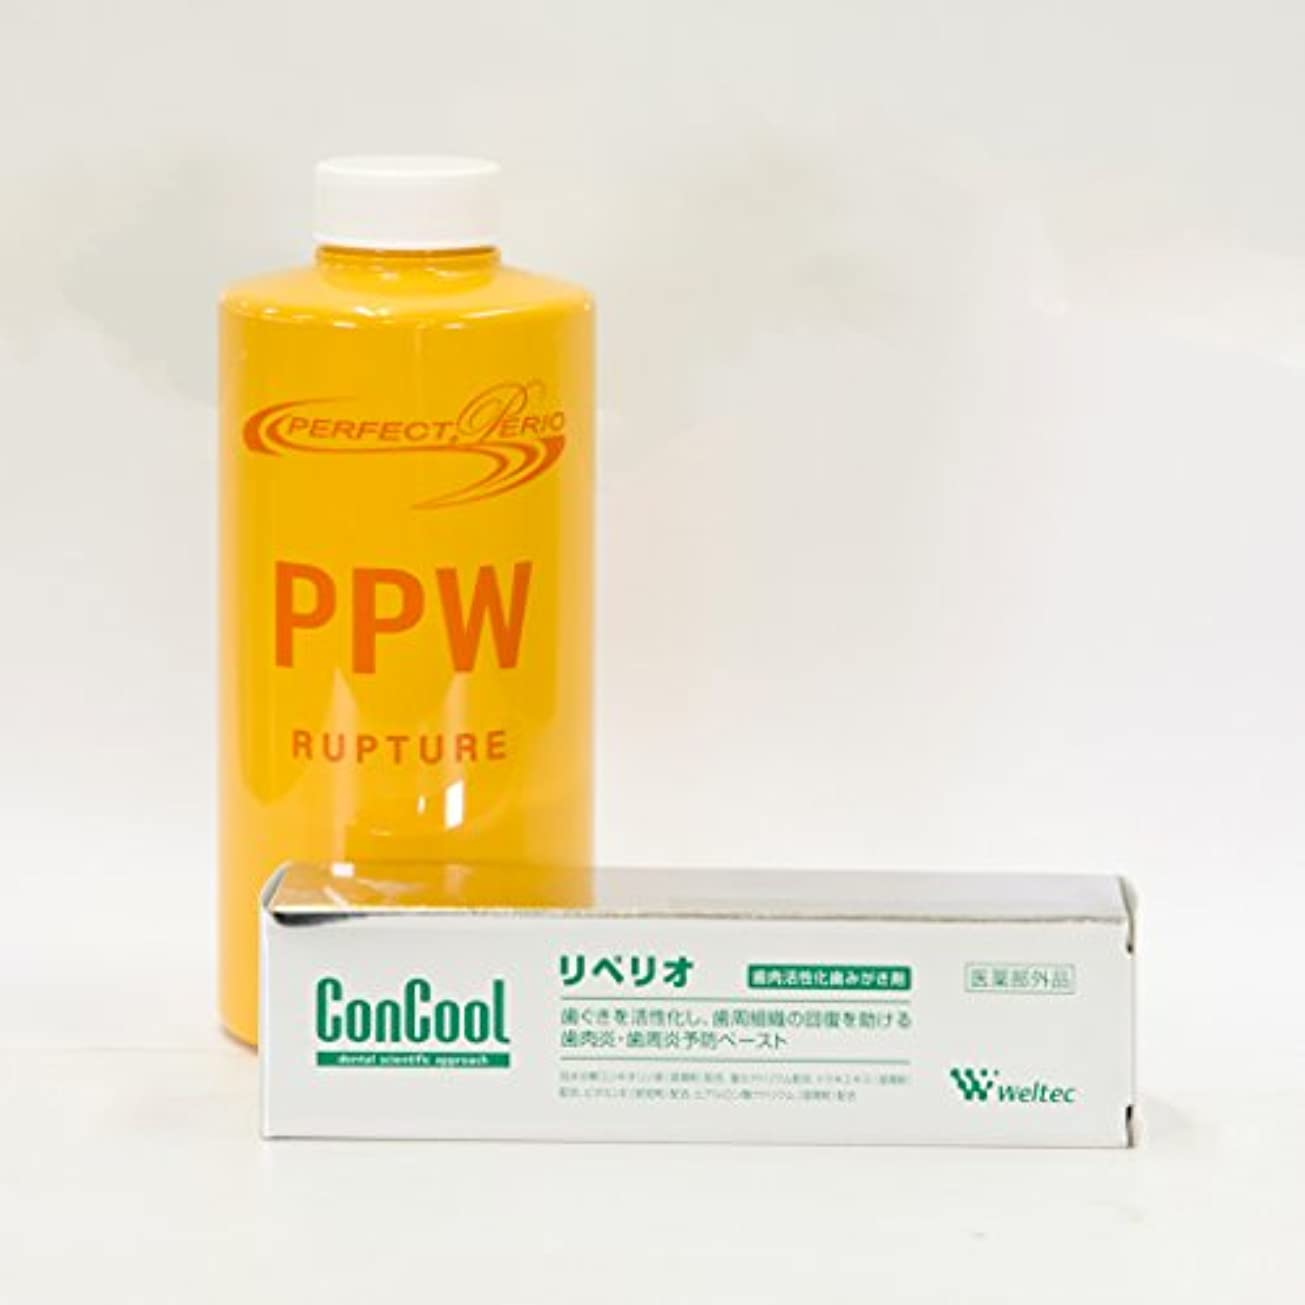 添加剤計り知れないカナダパーフェクトペリオ とコンクールリペリオ